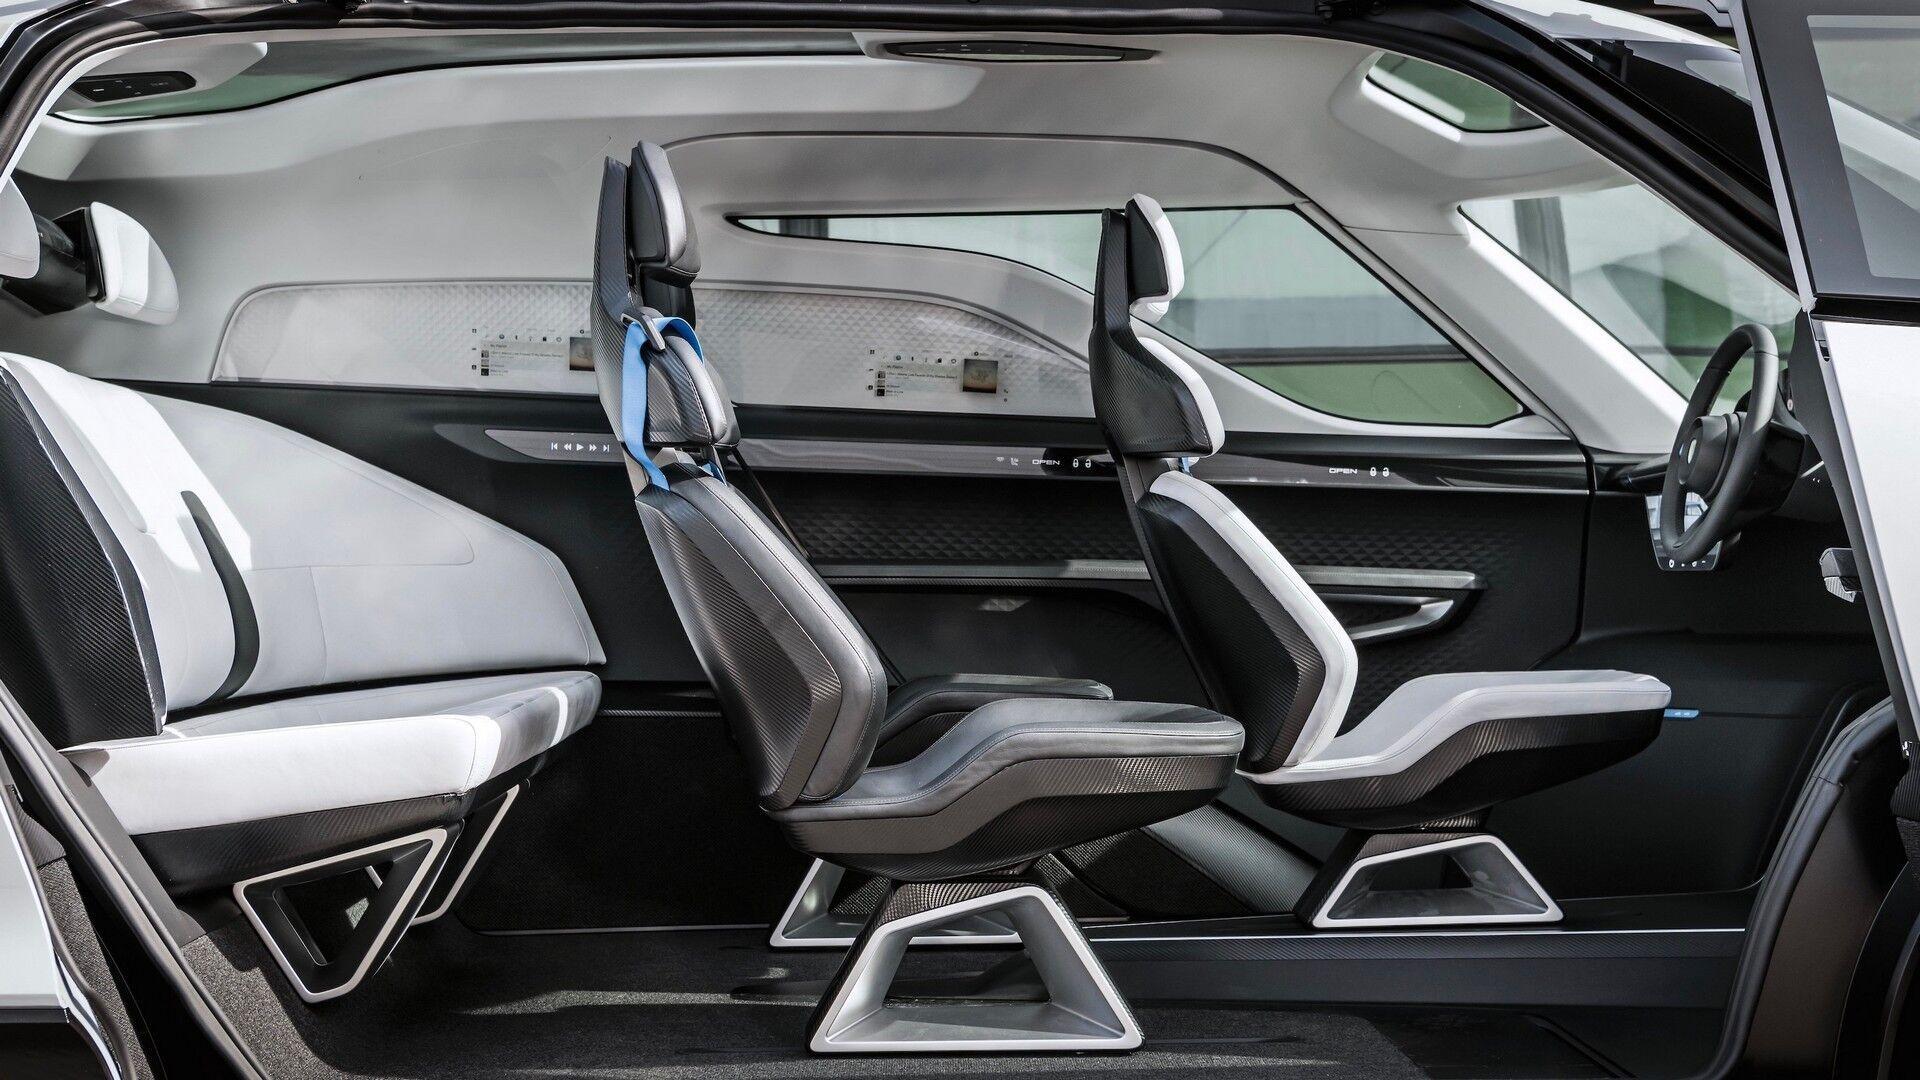 В салоне есть три индивидуальных анатомических кресла в карбоновых корпусах, а третий ряд представляет собой трехместный диван